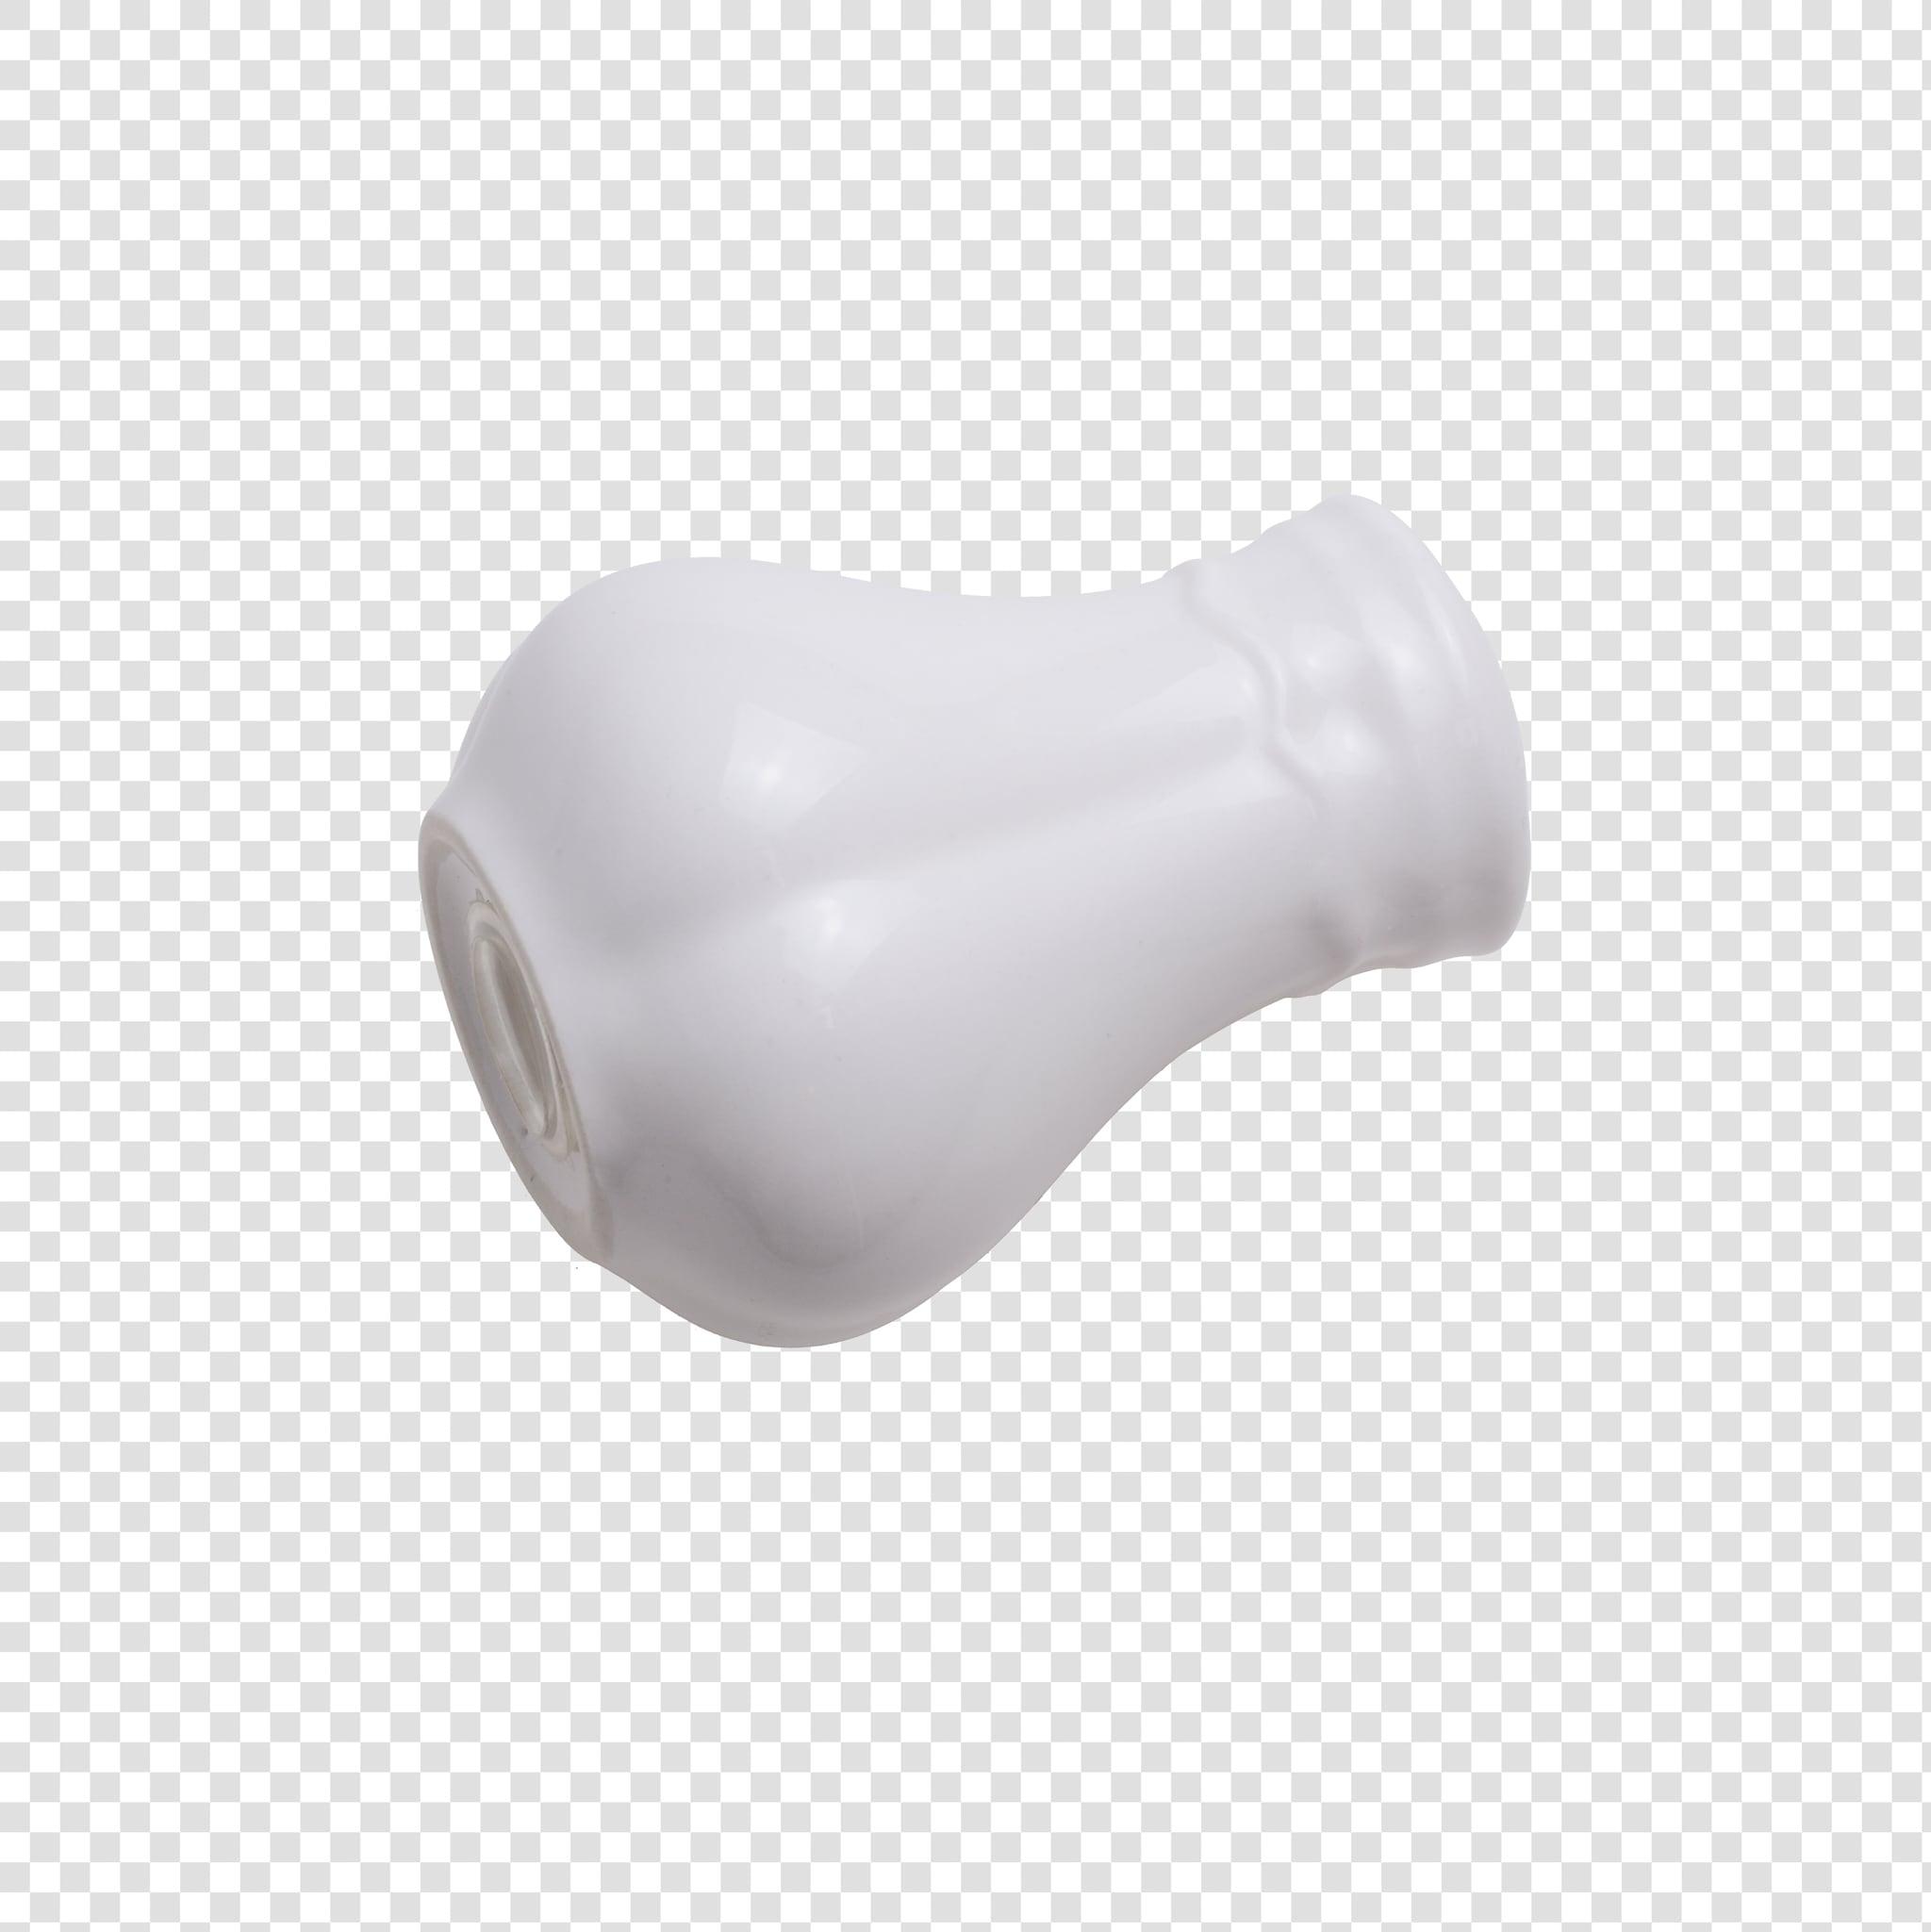 Salt shaker image with transparent background